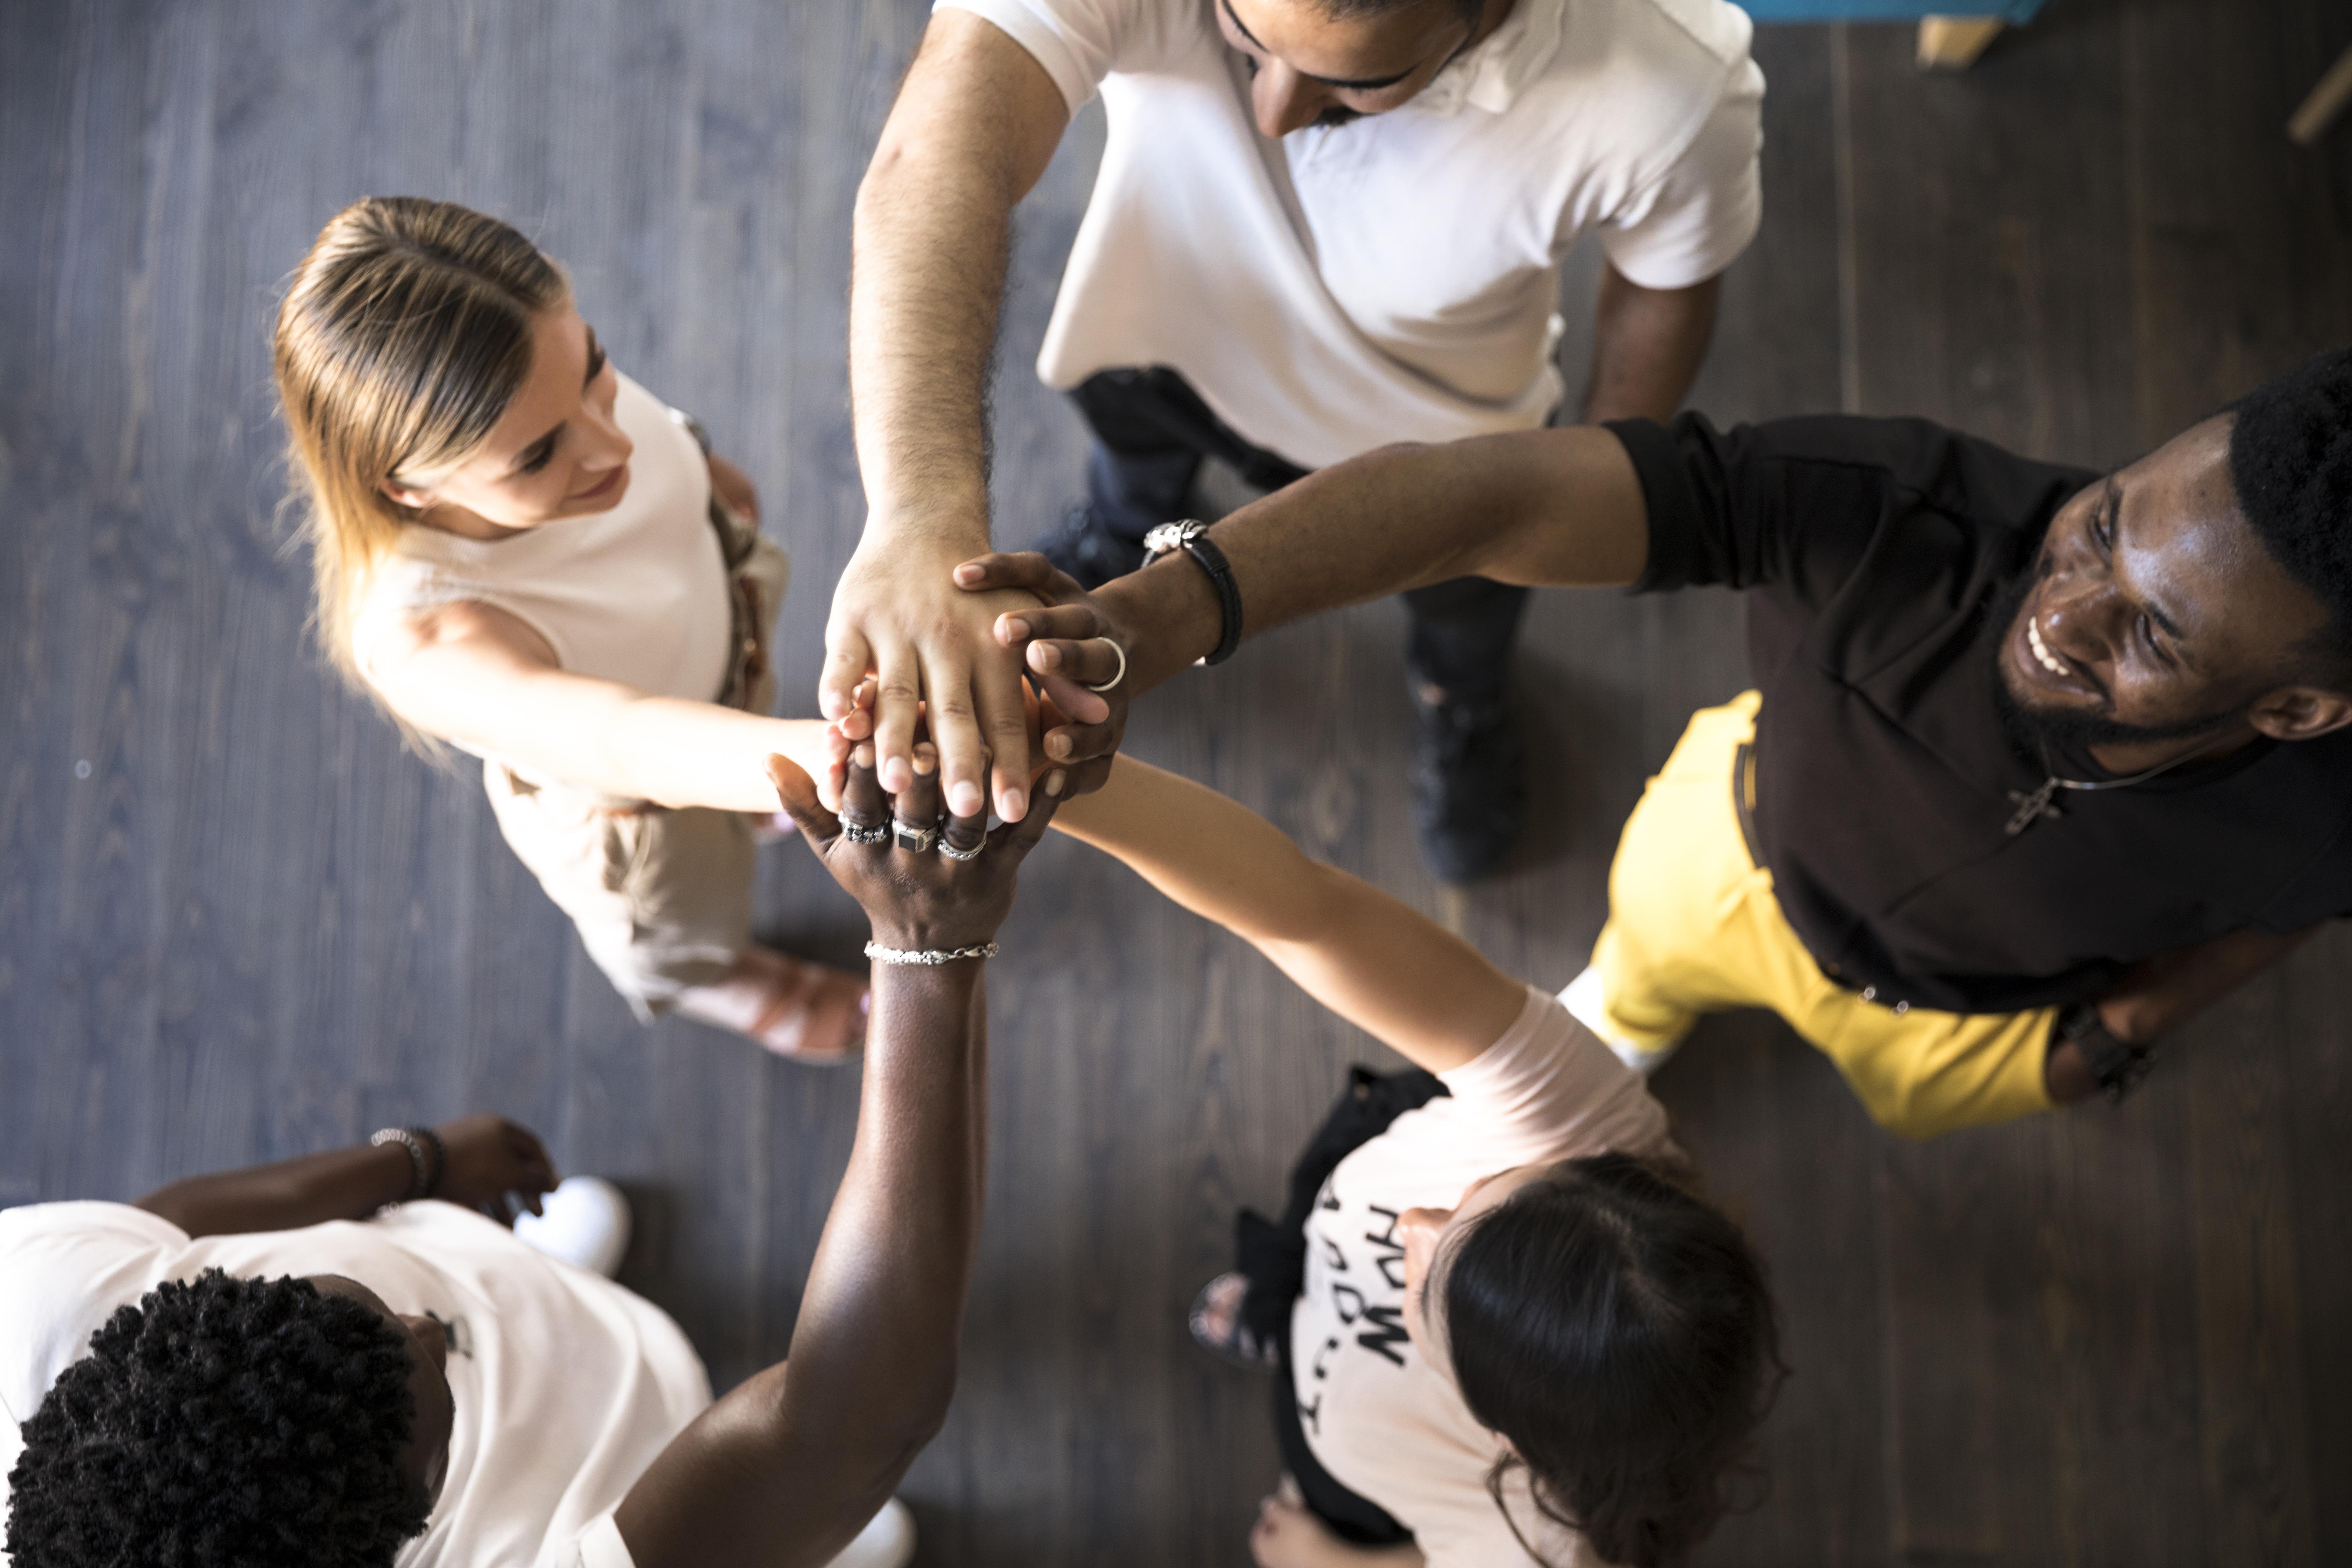 Diversidade racial para os dias atuais requer atenção e engajamento